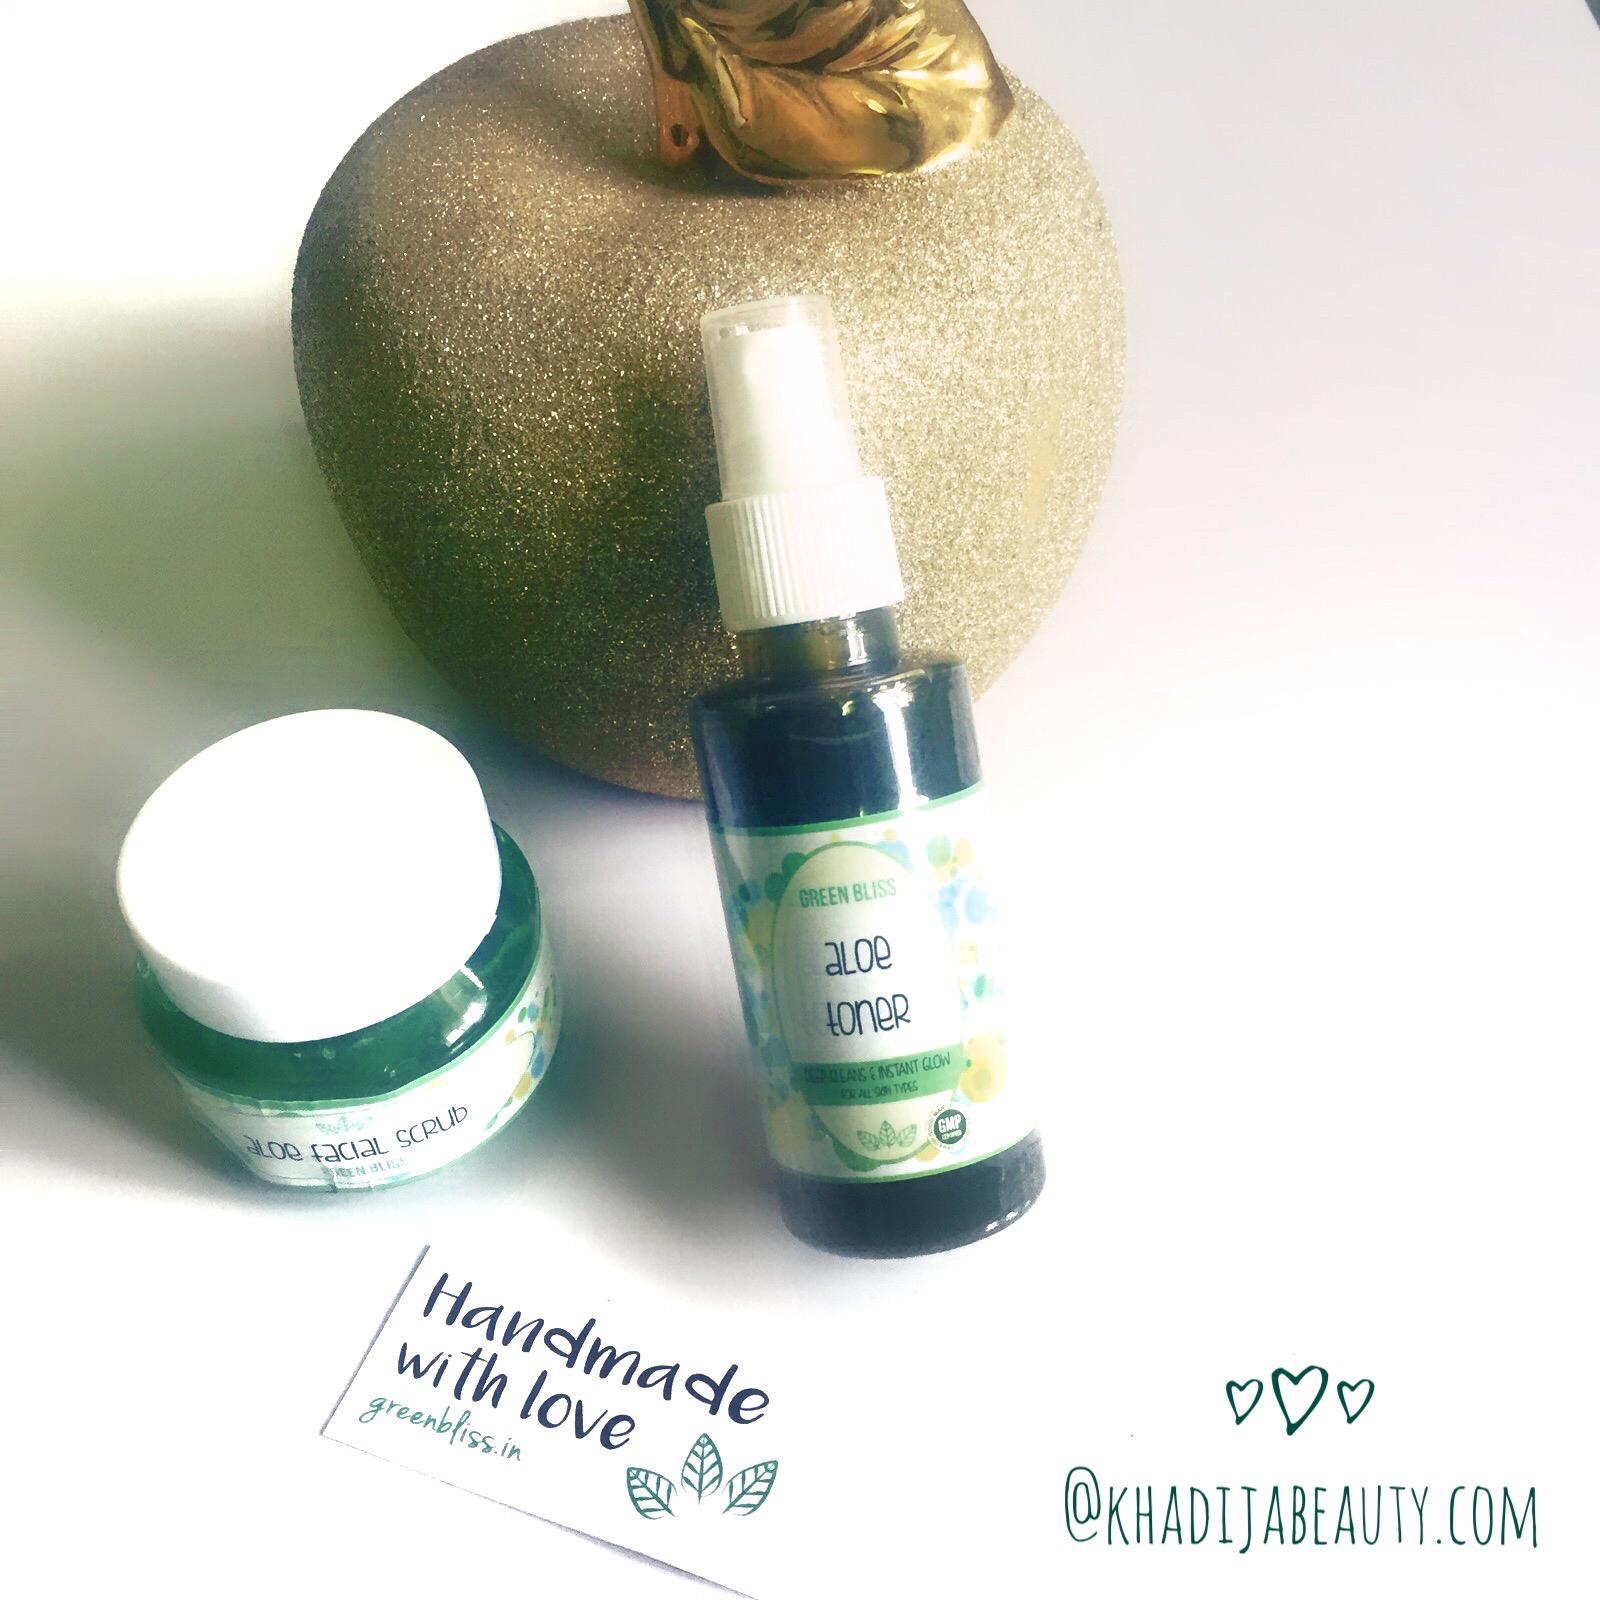 Green Bliss Aloevera Toner and Aloe vera scrub review